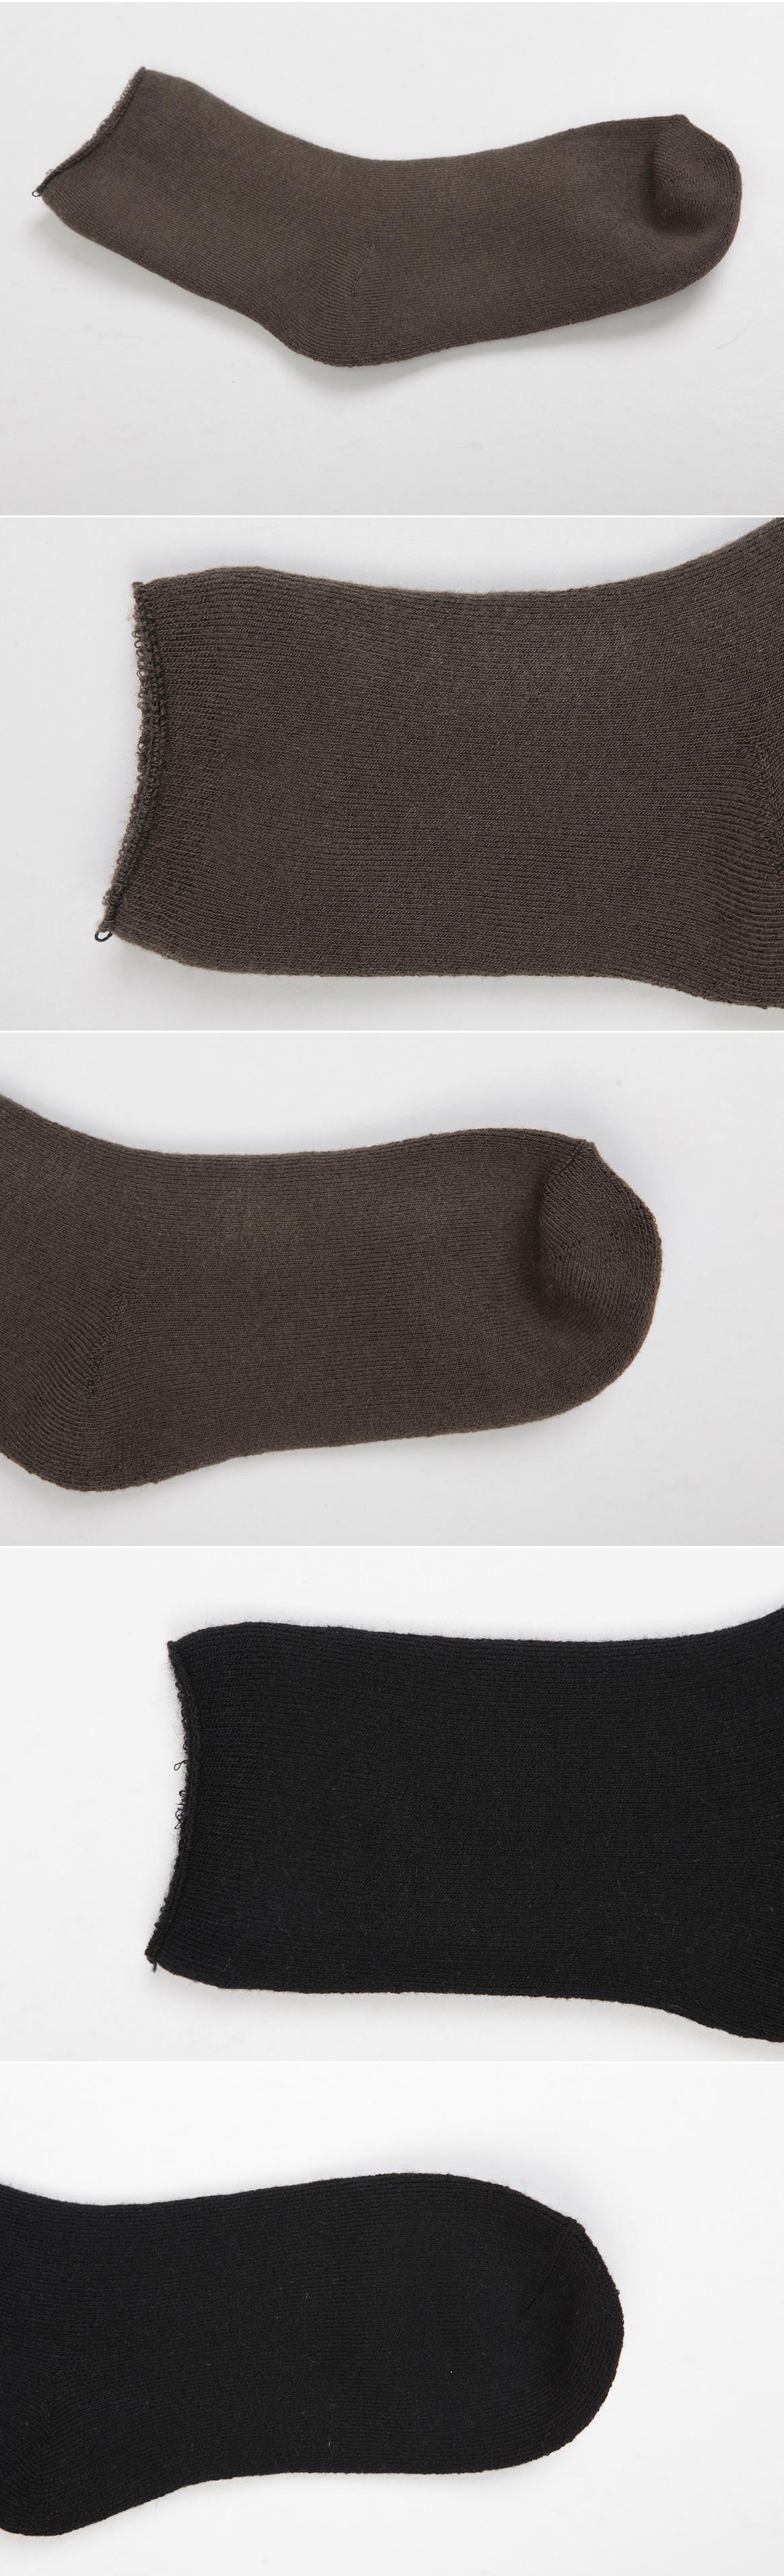 Warm koala socks